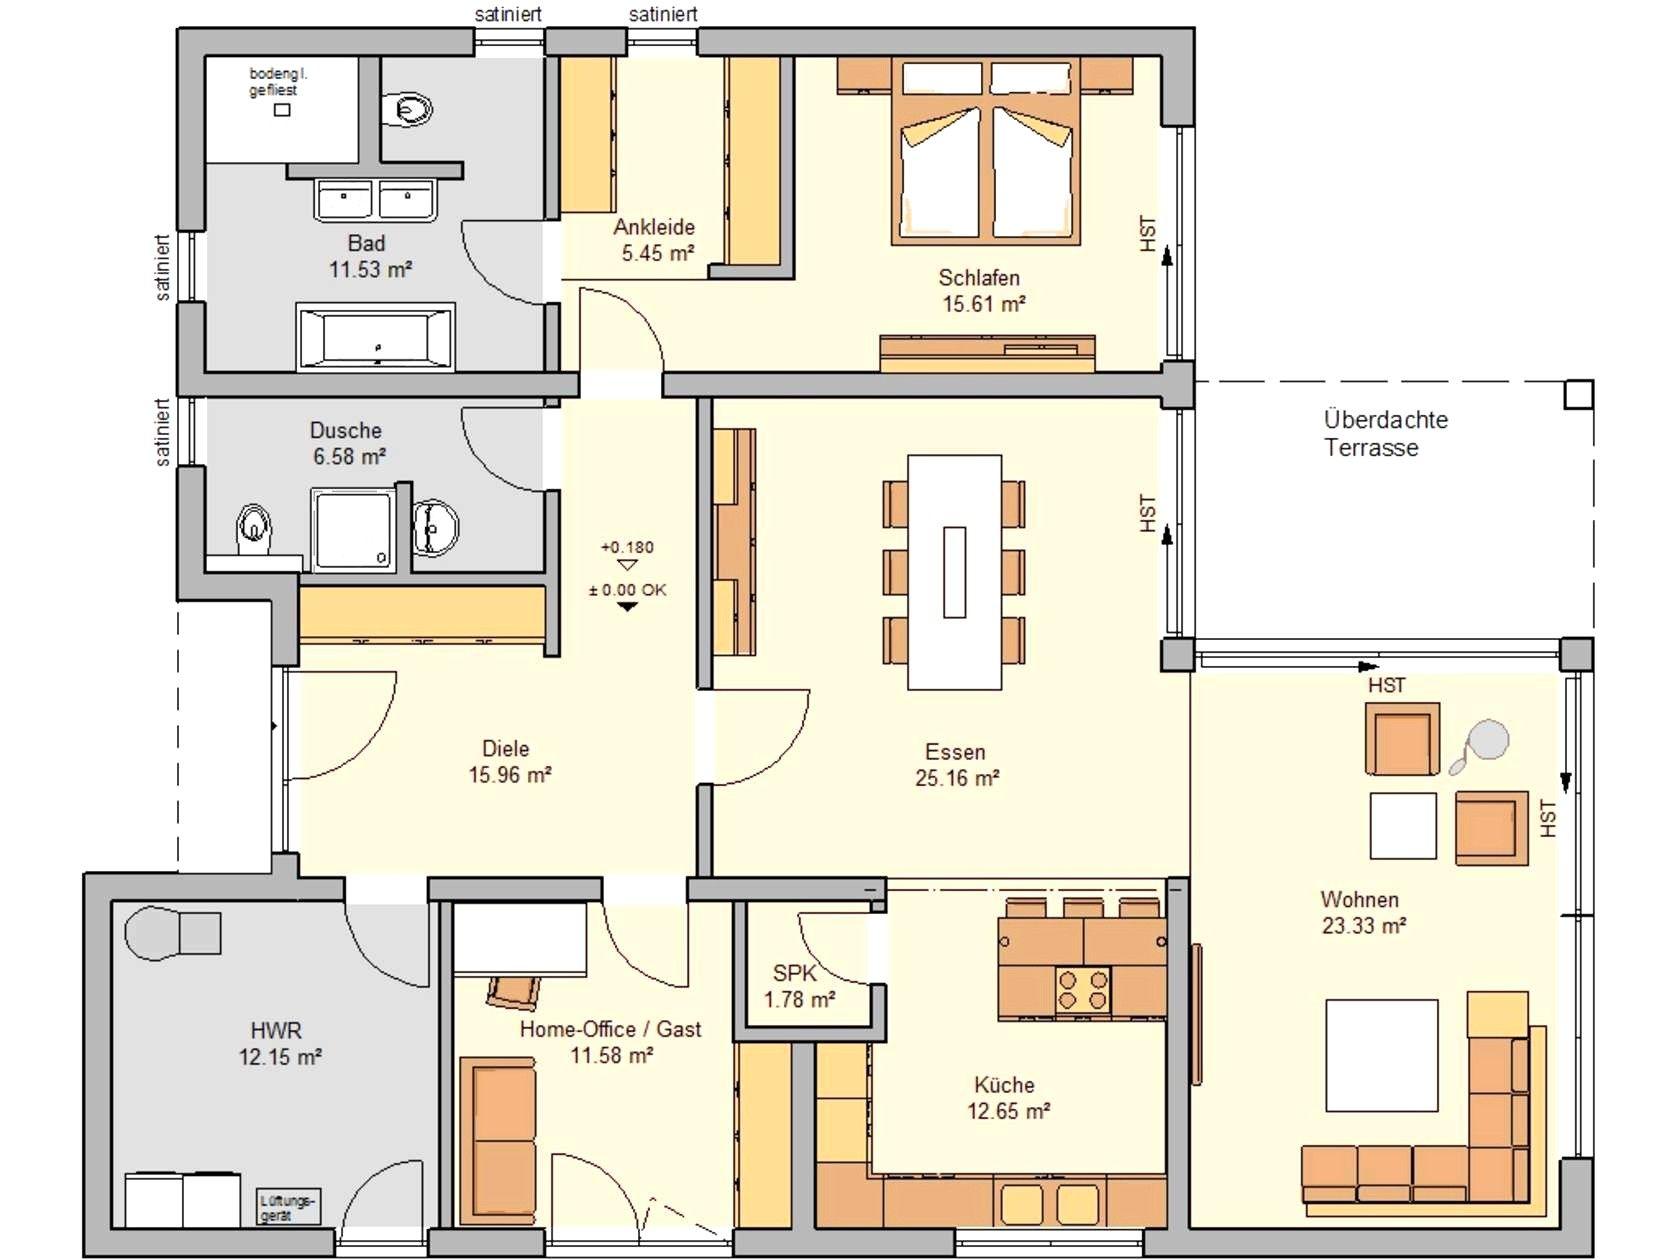 Grundriss Bungalow 5 Zimmer Interior Für (mit Bildern